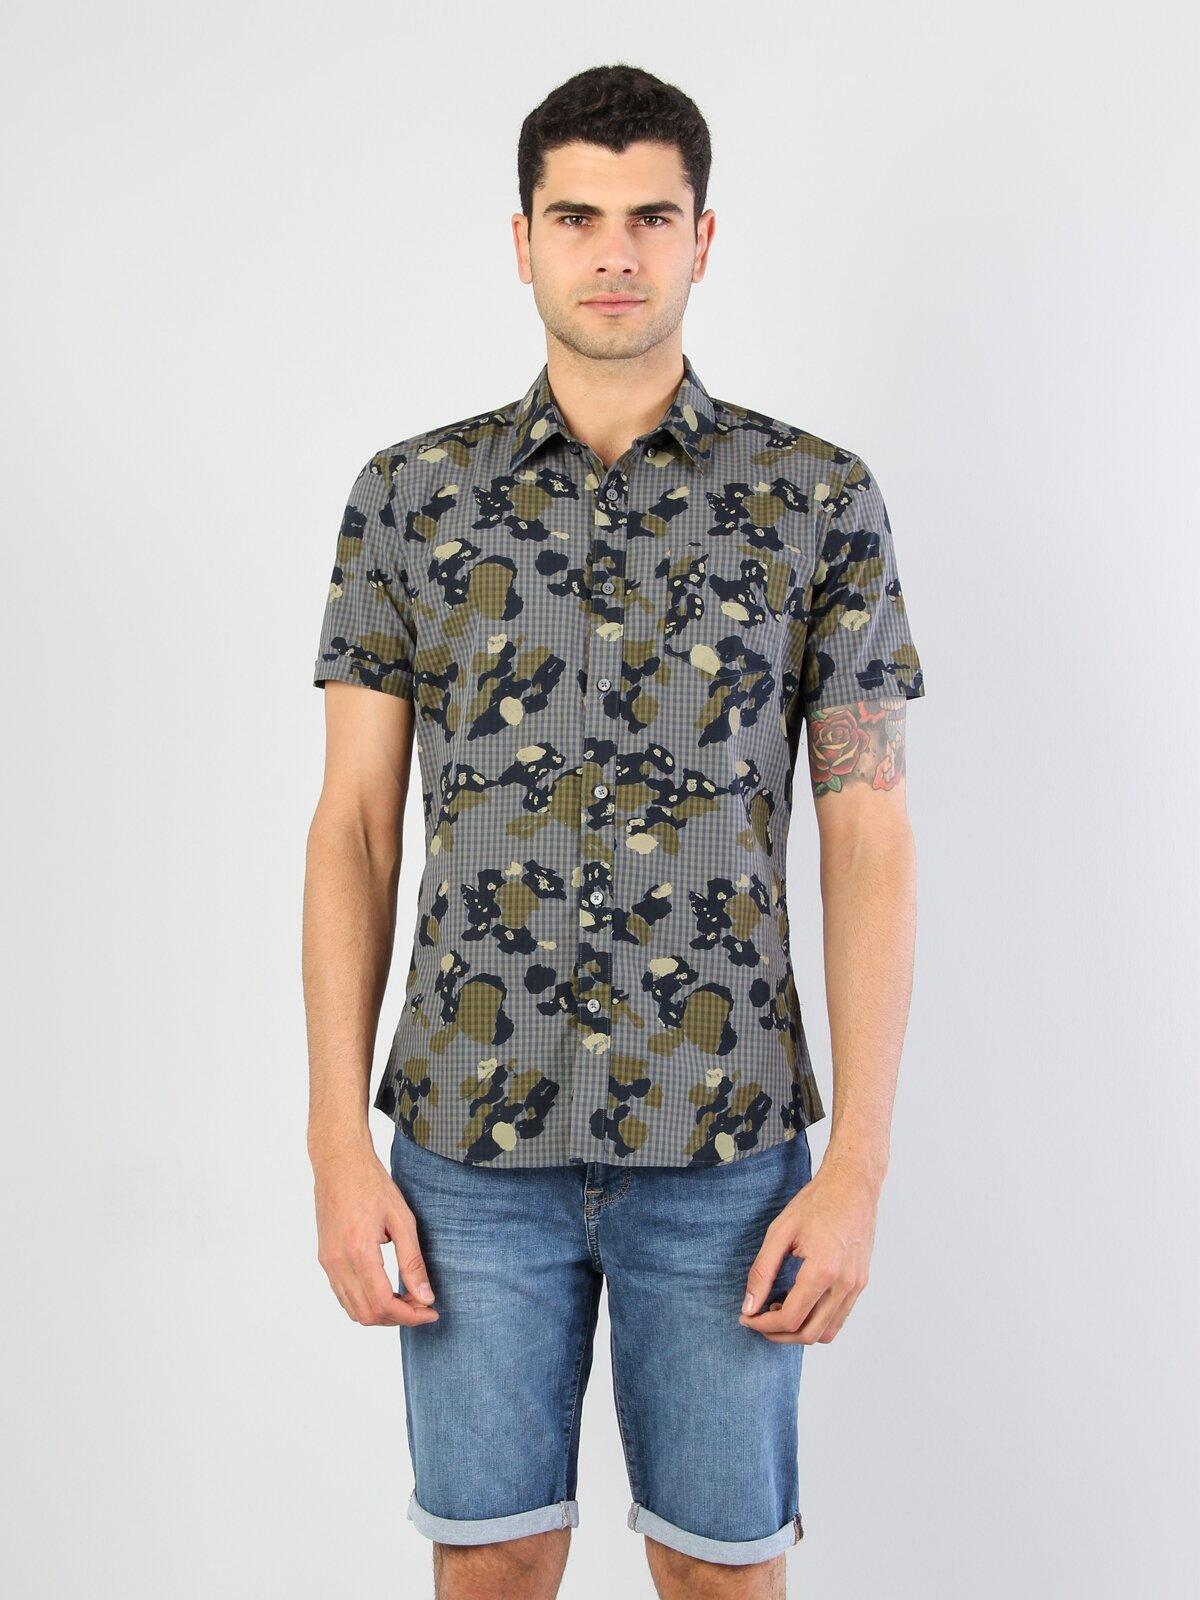 Açık Haki Kısa Kol Gömlek